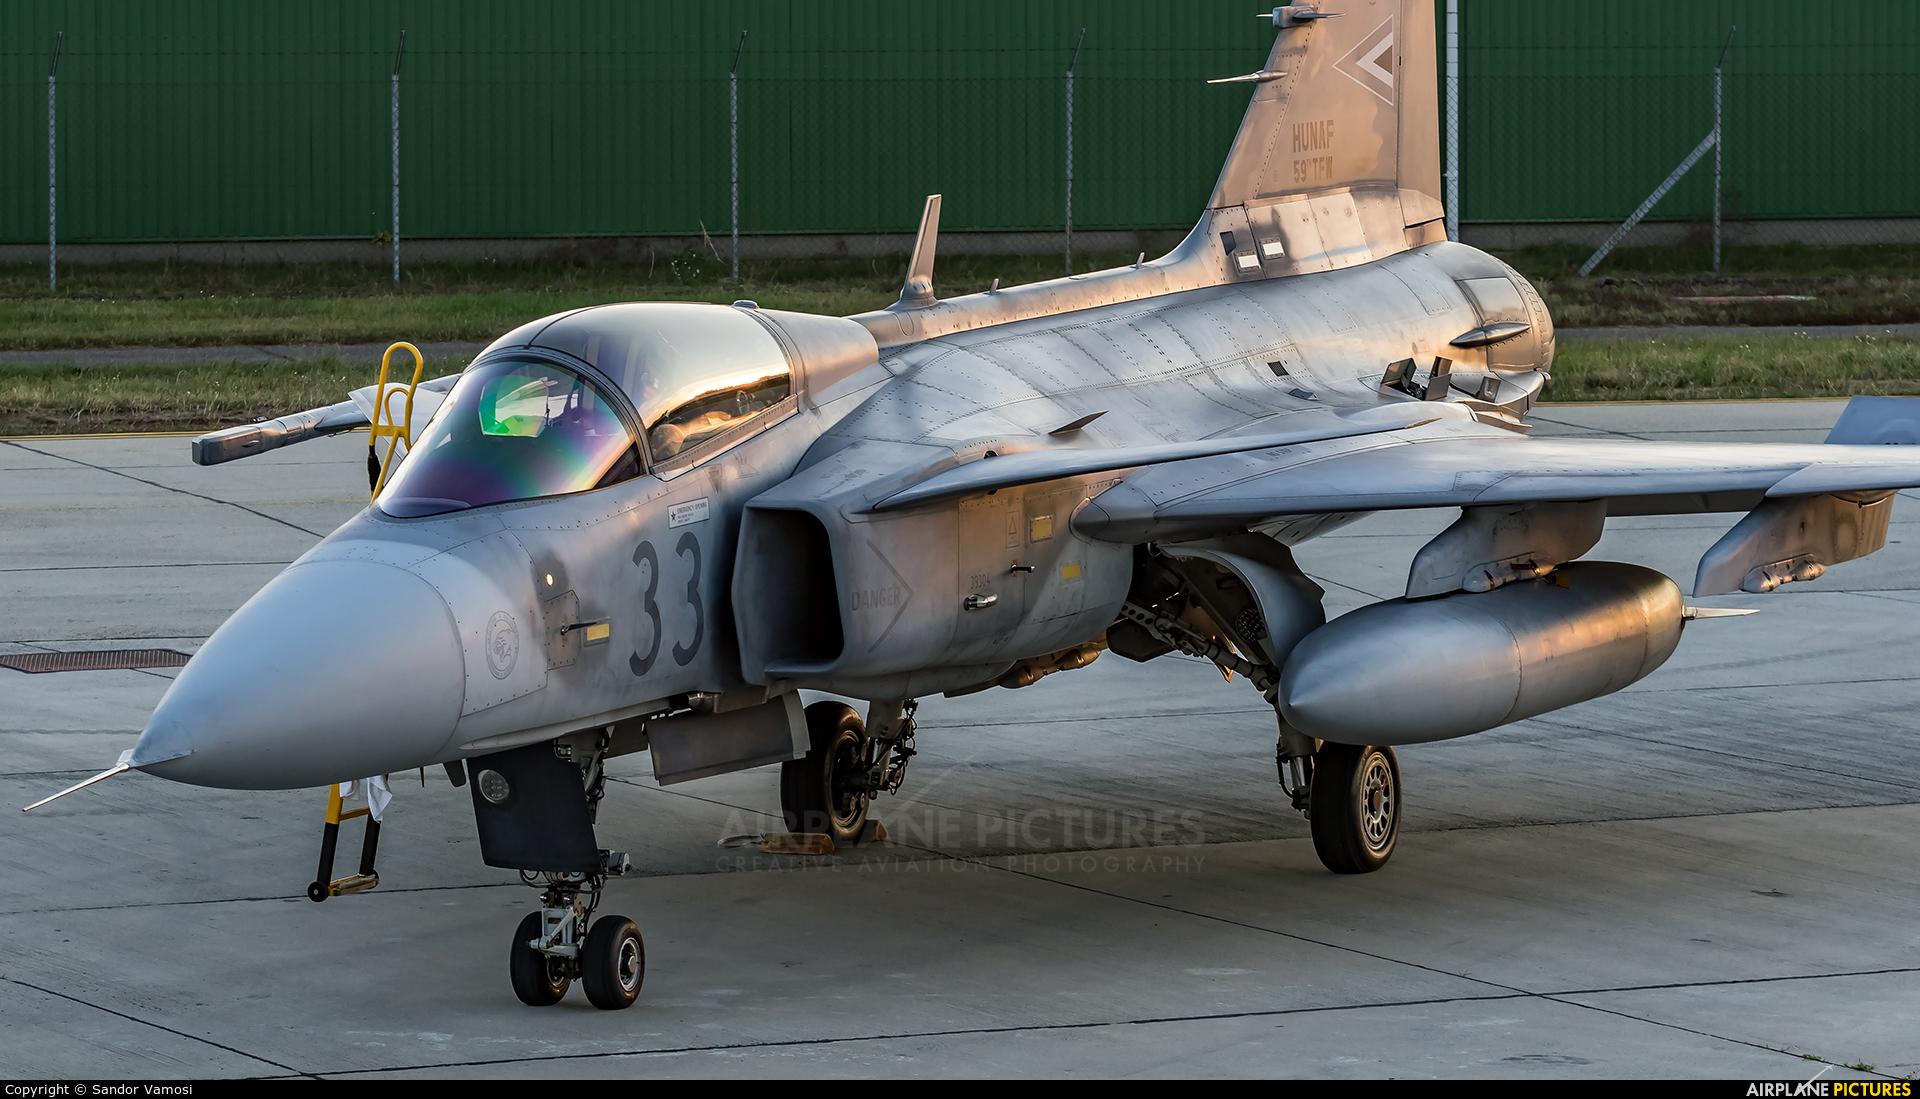 Hungary - Air Force 33 aircraft at Kecskemét